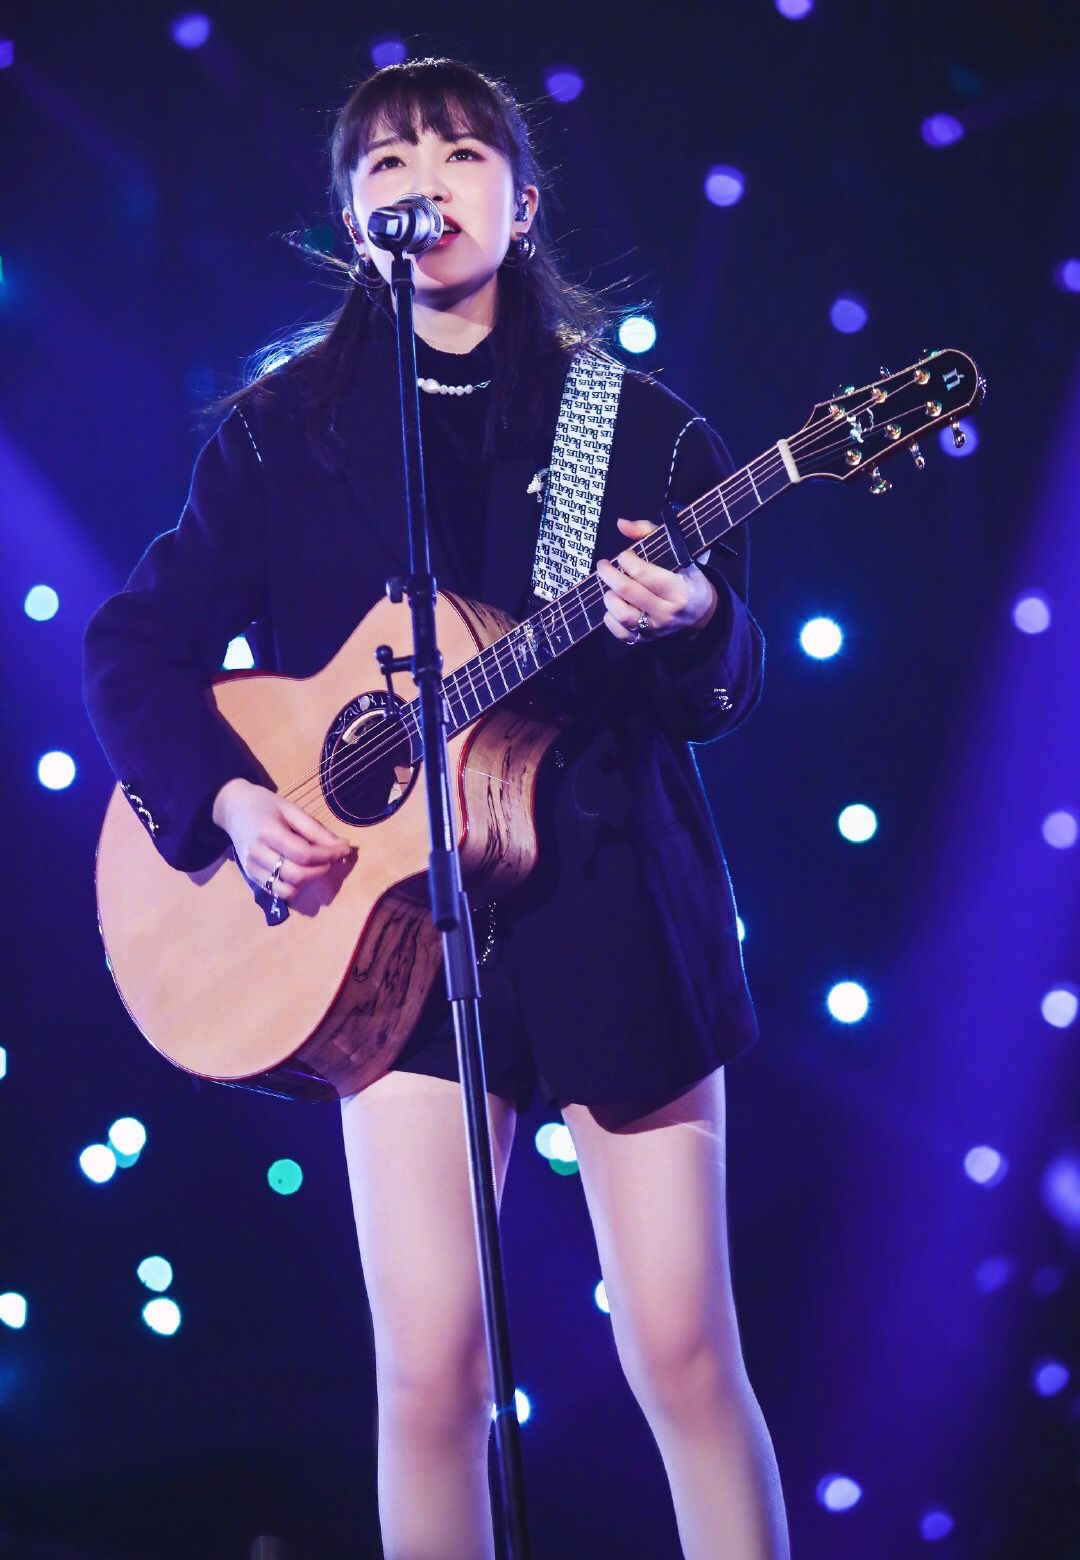 她在《歌手》唱出家庭争吵对孩子的伤害,歌一晚创作完成